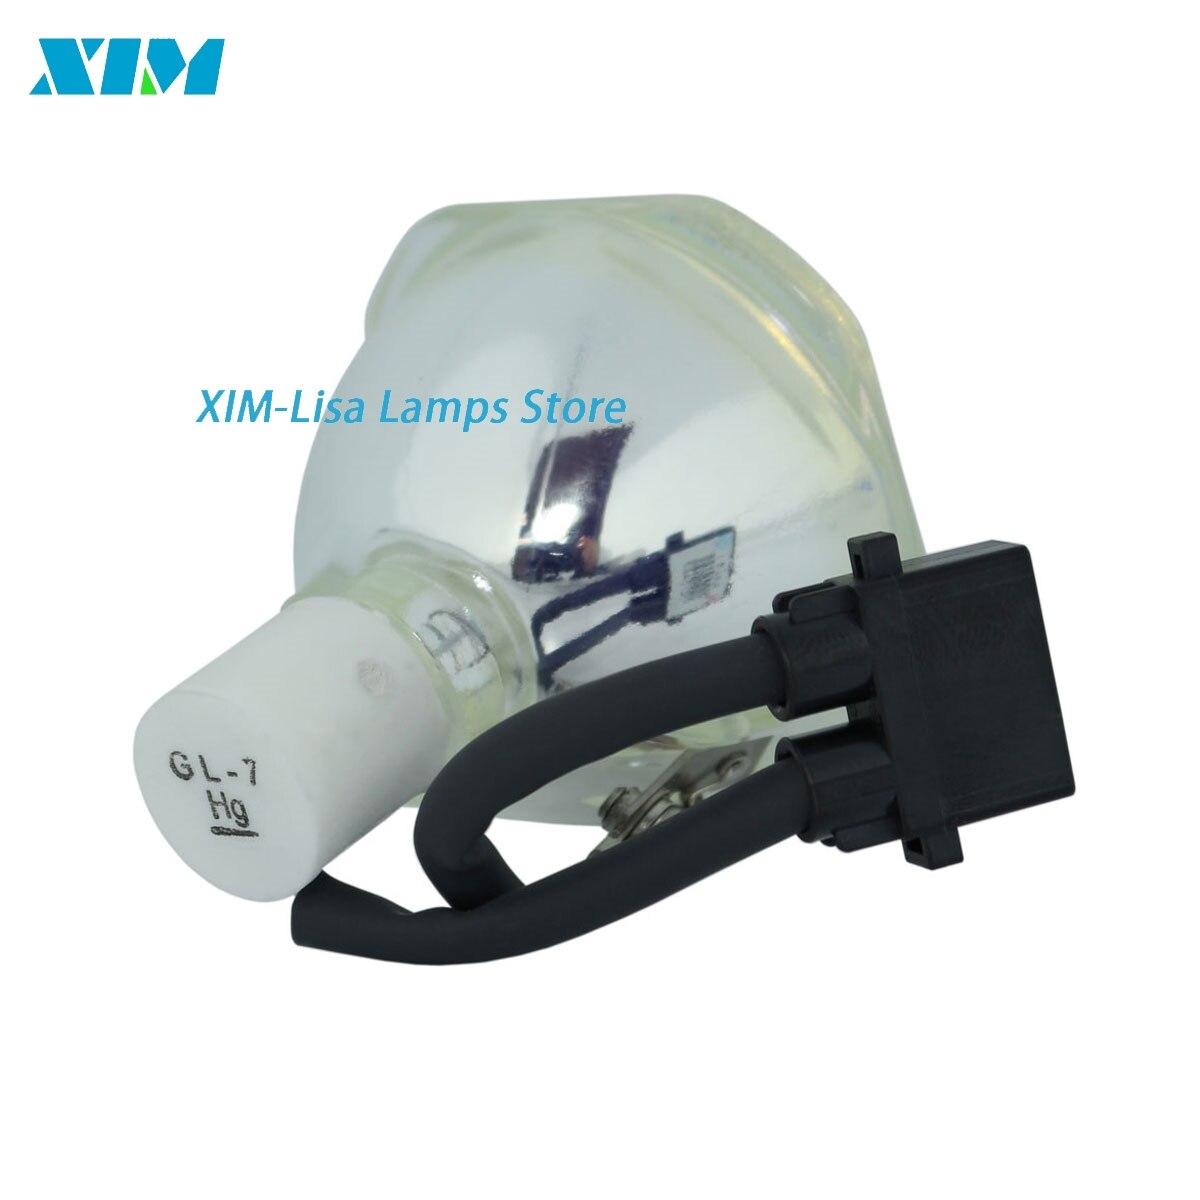 TLPLW9/SHP86 lámpara desnuda para TOSHIBA TDP-TW95/TDP-T95/TLP-T95/TLP-T95U/TLP TW95/TLP-TW95U/ TW95 proyectores